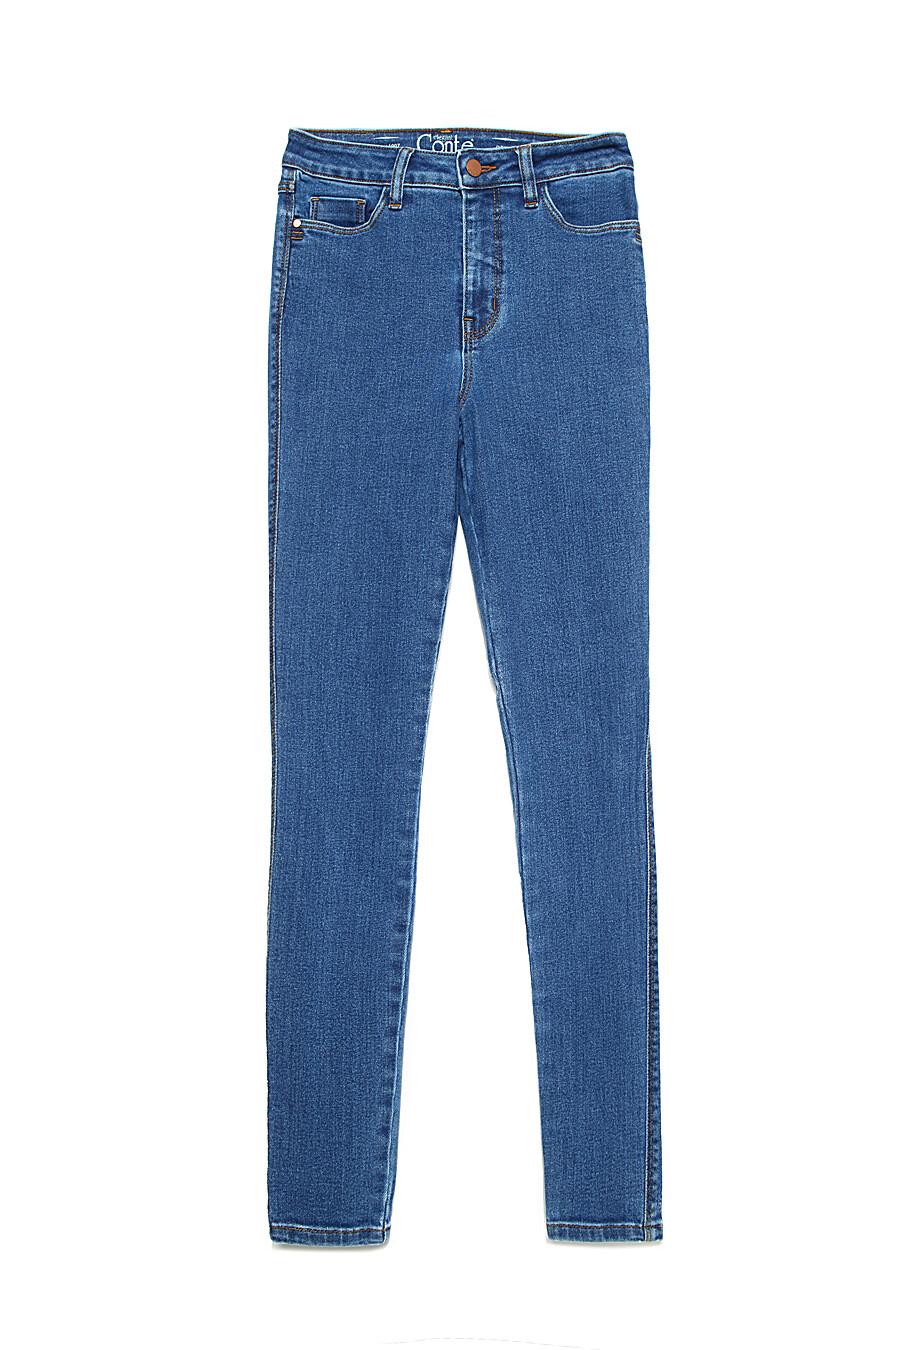 Джинсы для женщин CONTE ELEGANT 148328 купить оптом от производителя. Совместная покупка женской одежды в OptMoyo